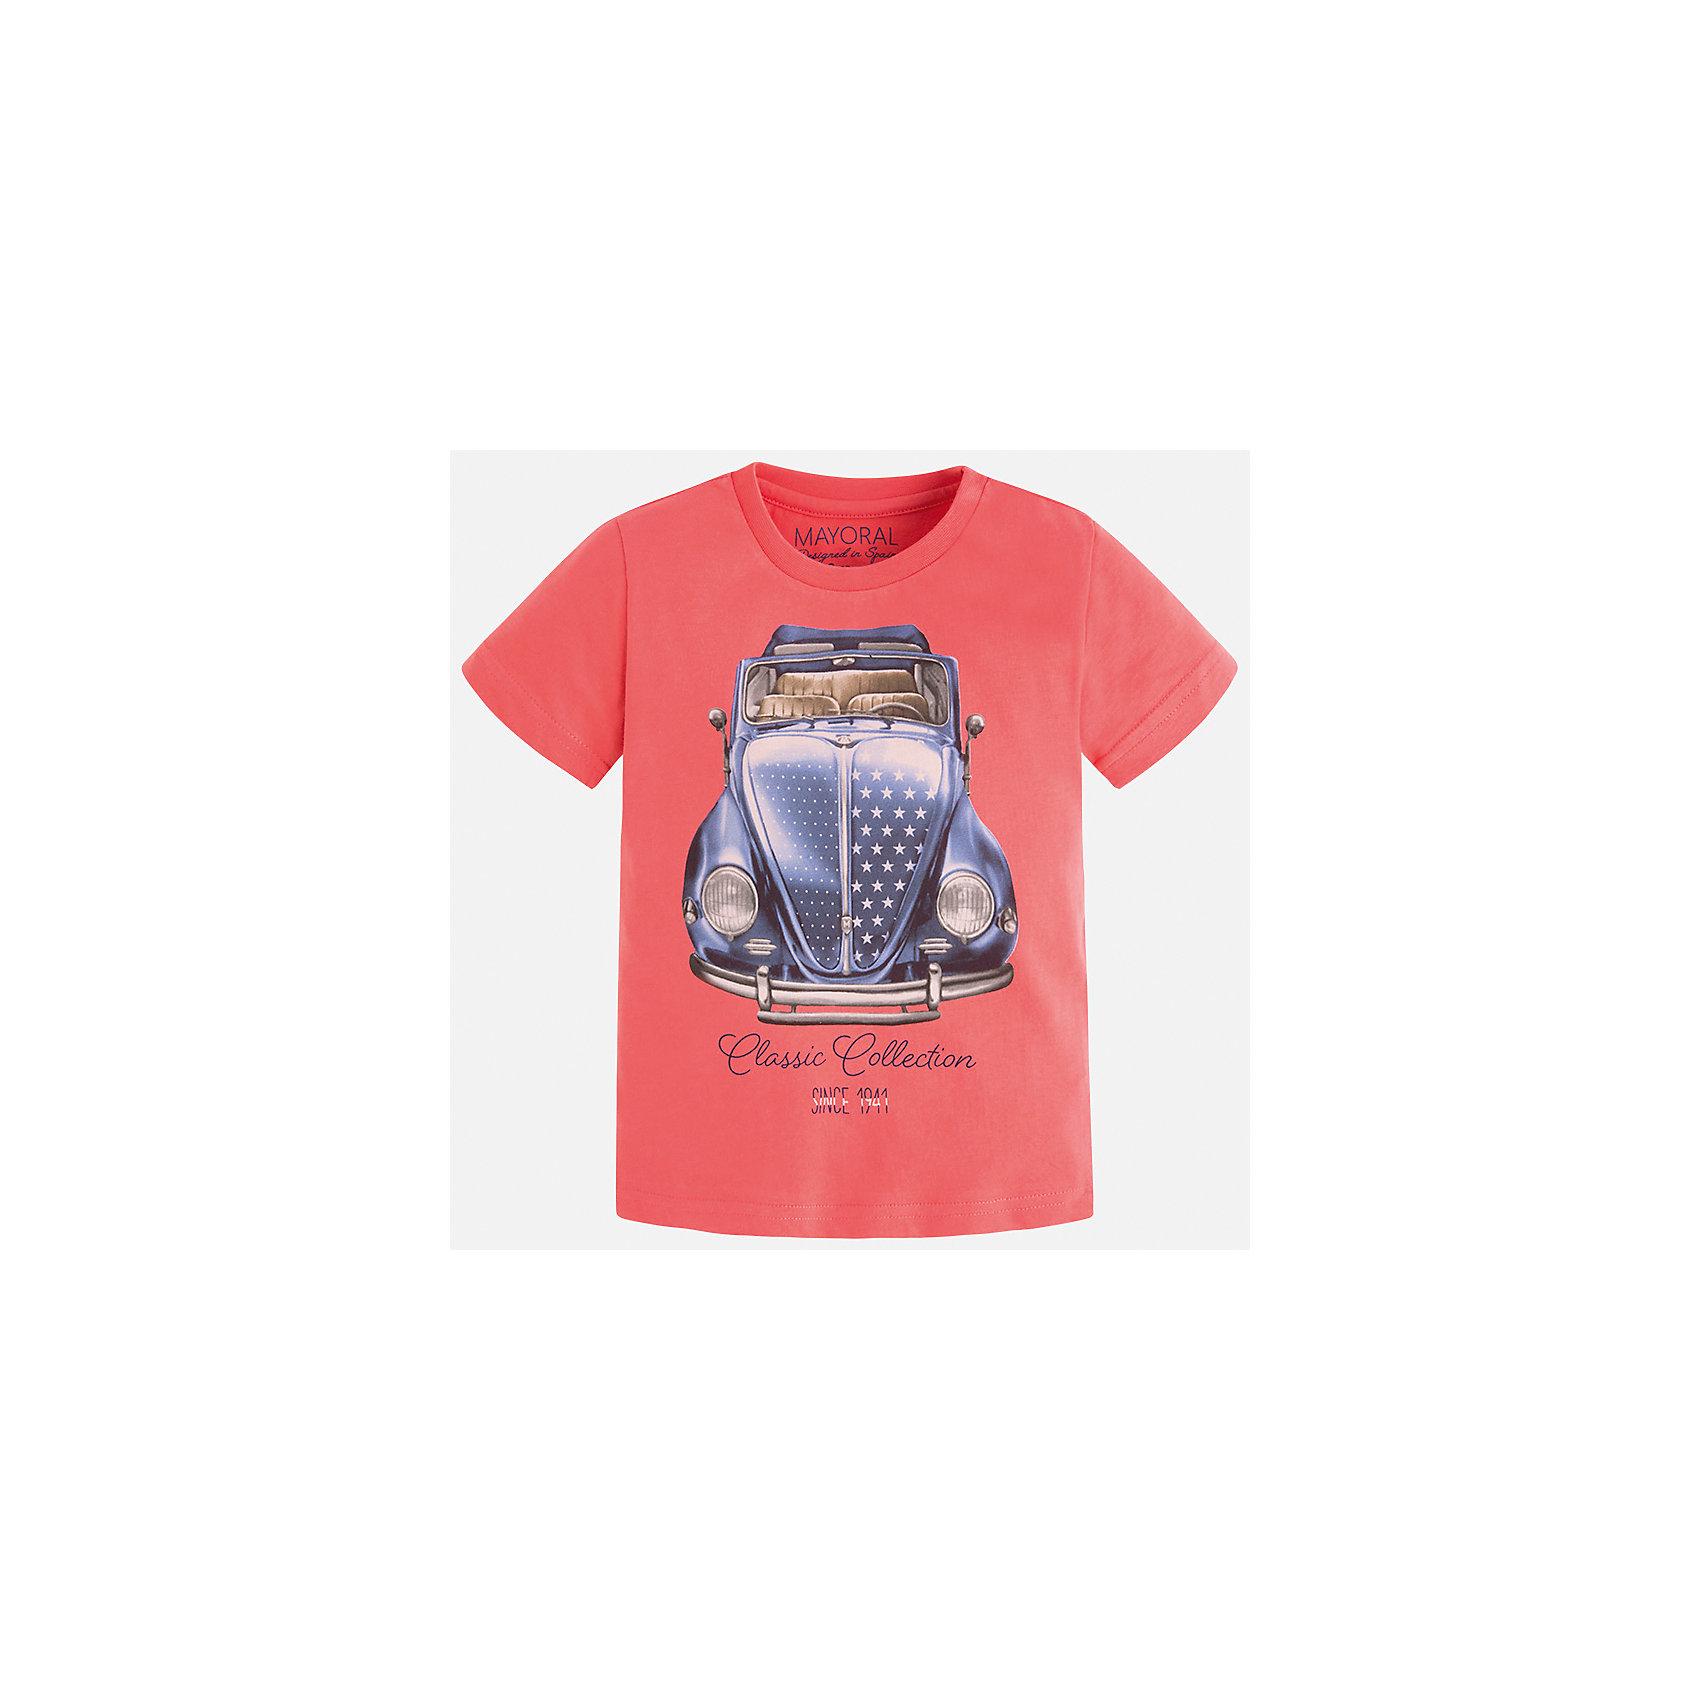 Футболка для мальчика MayoralФутболки, поло и топы<br>Характеристики товара:<br><br>• цвет: красный<br>• состав: 100% хлопок<br>• круглый горловой вырез<br>• декорирована принтом<br>• короткие рукава<br>• отделка горловины<br>• страна бренда: Испания<br><br>Модная удобная футболка с принтом поможет разнообразить гардероб мальчика. Она отлично сочетается с брюками, шортами, джинсами. Универсальный крой и цвет позволяет подобрать к вещи низ разных расцветок. Практичное и стильное изделие! Хорошо смотрится и комфортно сидит на детях. В составе материала - только натуральный хлопок, гипоаллергенный, приятный на ощупь, дышащий. <br><br>Одежда, обувь и аксессуары от испанского бренда Mayoral полюбились детям и взрослым по всему миру. Модели этой марки - стильные и удобные. Для их производства используются только безопасные, качественные материалы и фурнитура. Порадуйте ребенка модными и красивыми вещами от Mayoral! <br><br>Футболку для мальчика от испанского бренда Mayoral (Майорал) можно купить в нашем интернет-магазине.<br><br>Ширина мм: 199<br>Глубина мм: 10<br>Высота мм: 161<br>Вес г: 151<br>Цвет: розовый<br>Возраст от месяцев: 84<br>Возраст до месяцев: 96<br>Пол: Мужской<br>Возраст: Детский<br>Размер: 128,116,98,92,122,110,104,134<br>SKU: 5279917